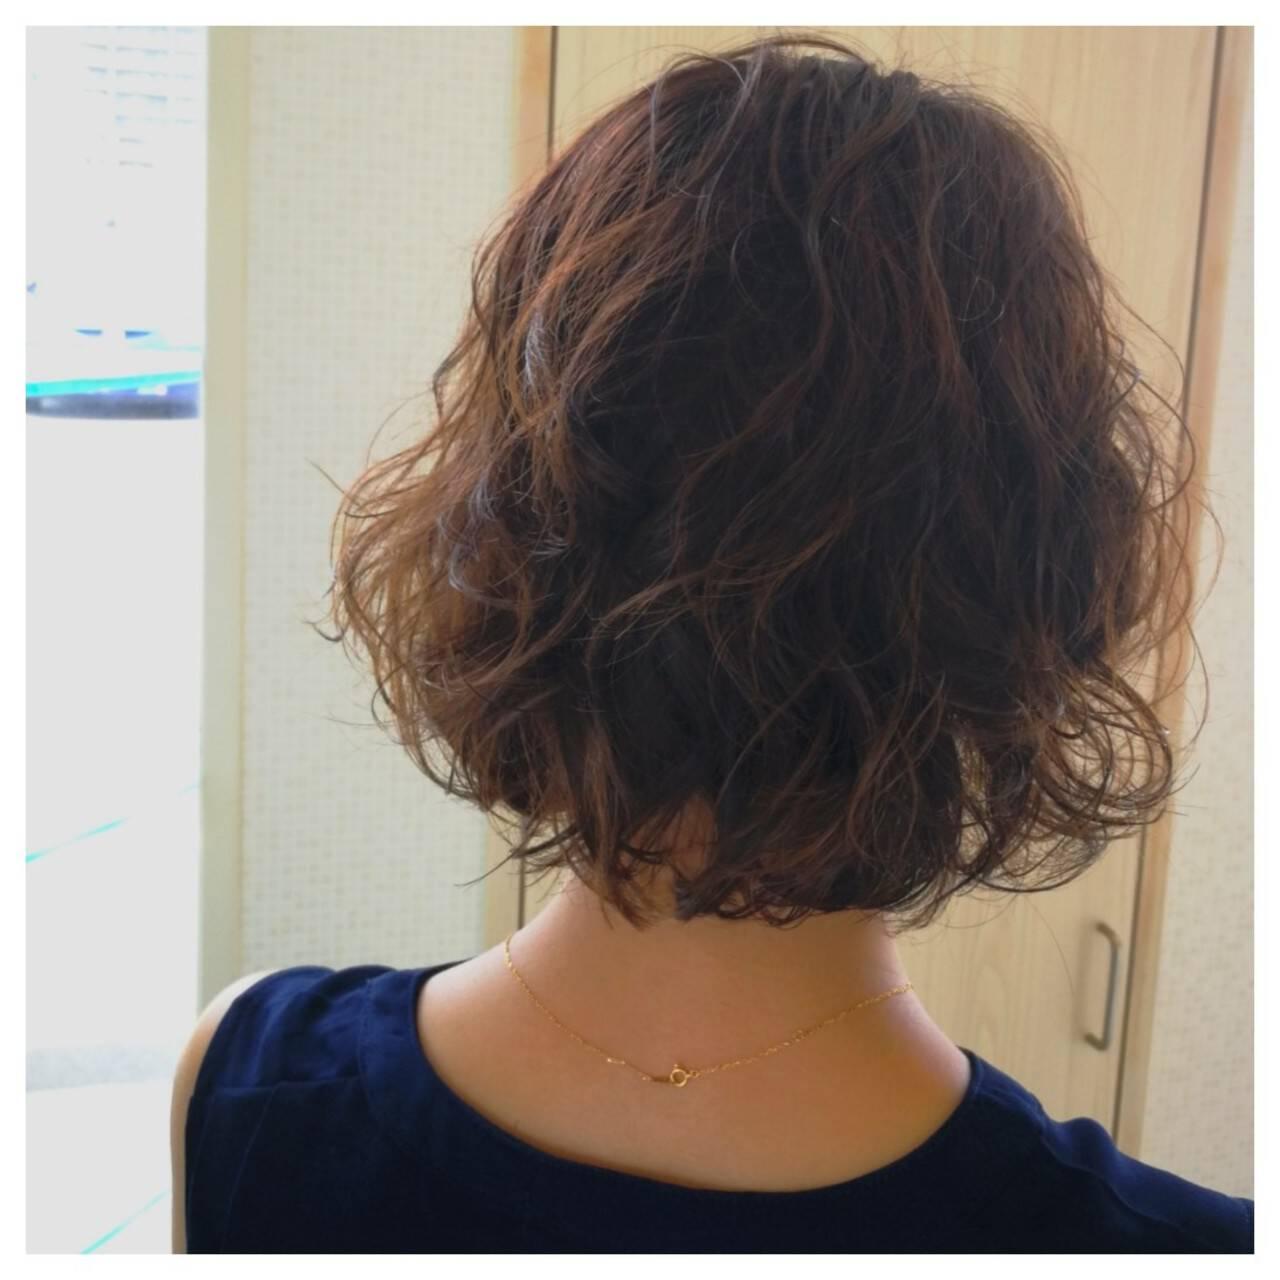 ボブ ふわふわ ガーリー ウェーブヘアスタイルや髪型の写真・画像